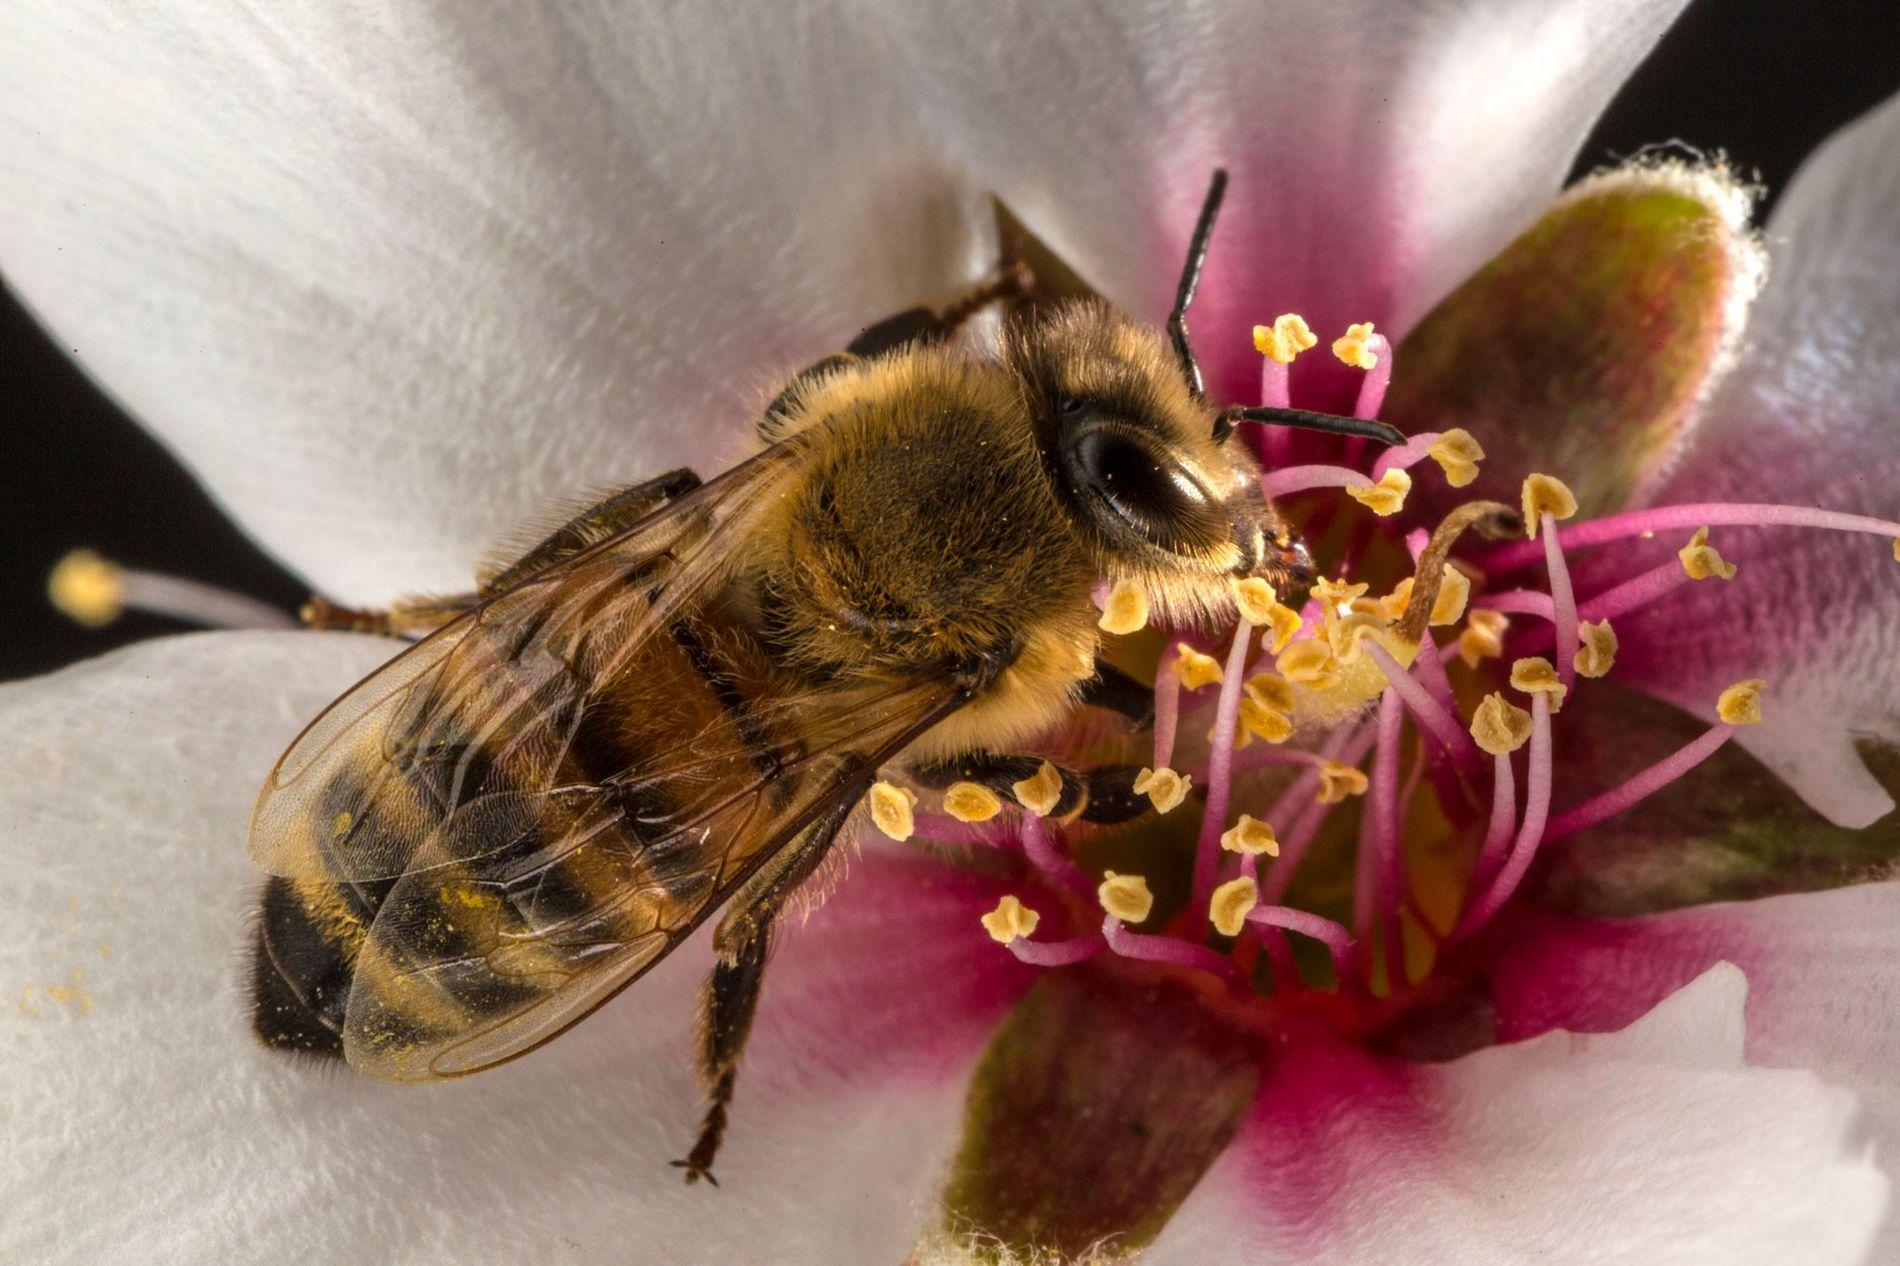 Les abeilles sont essentielles à de nombreuses cultures, dont celles d'amandes et de pastèques.